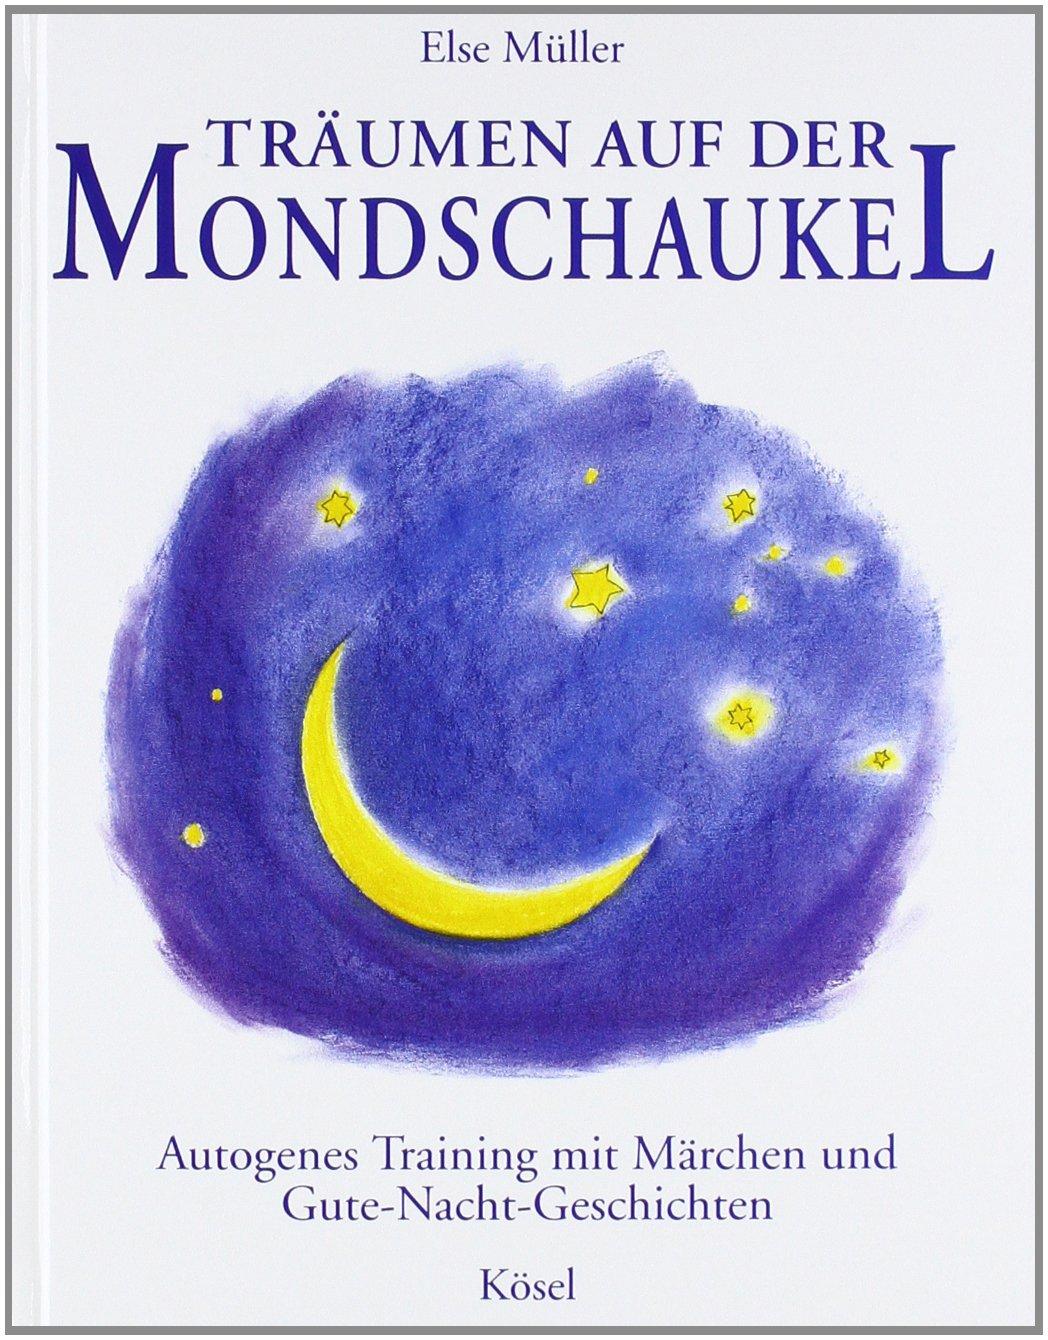 trumen-auf-der-mondschaukel-autogenes-training-mit-mrchen-und-gute-nacht-geschichten